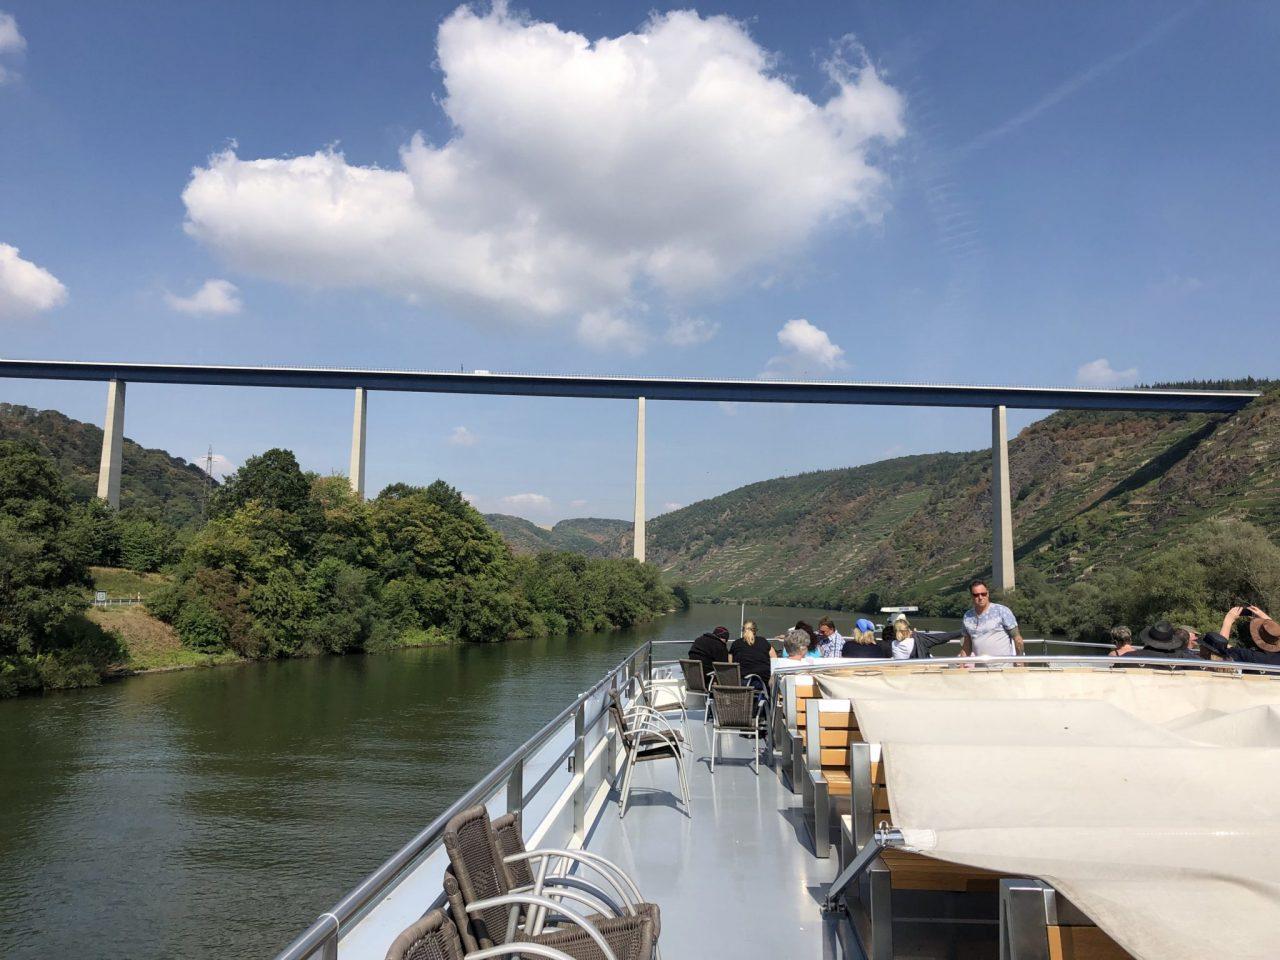 Moselbrücke, Mosel bridge, Hochmoselbrücke